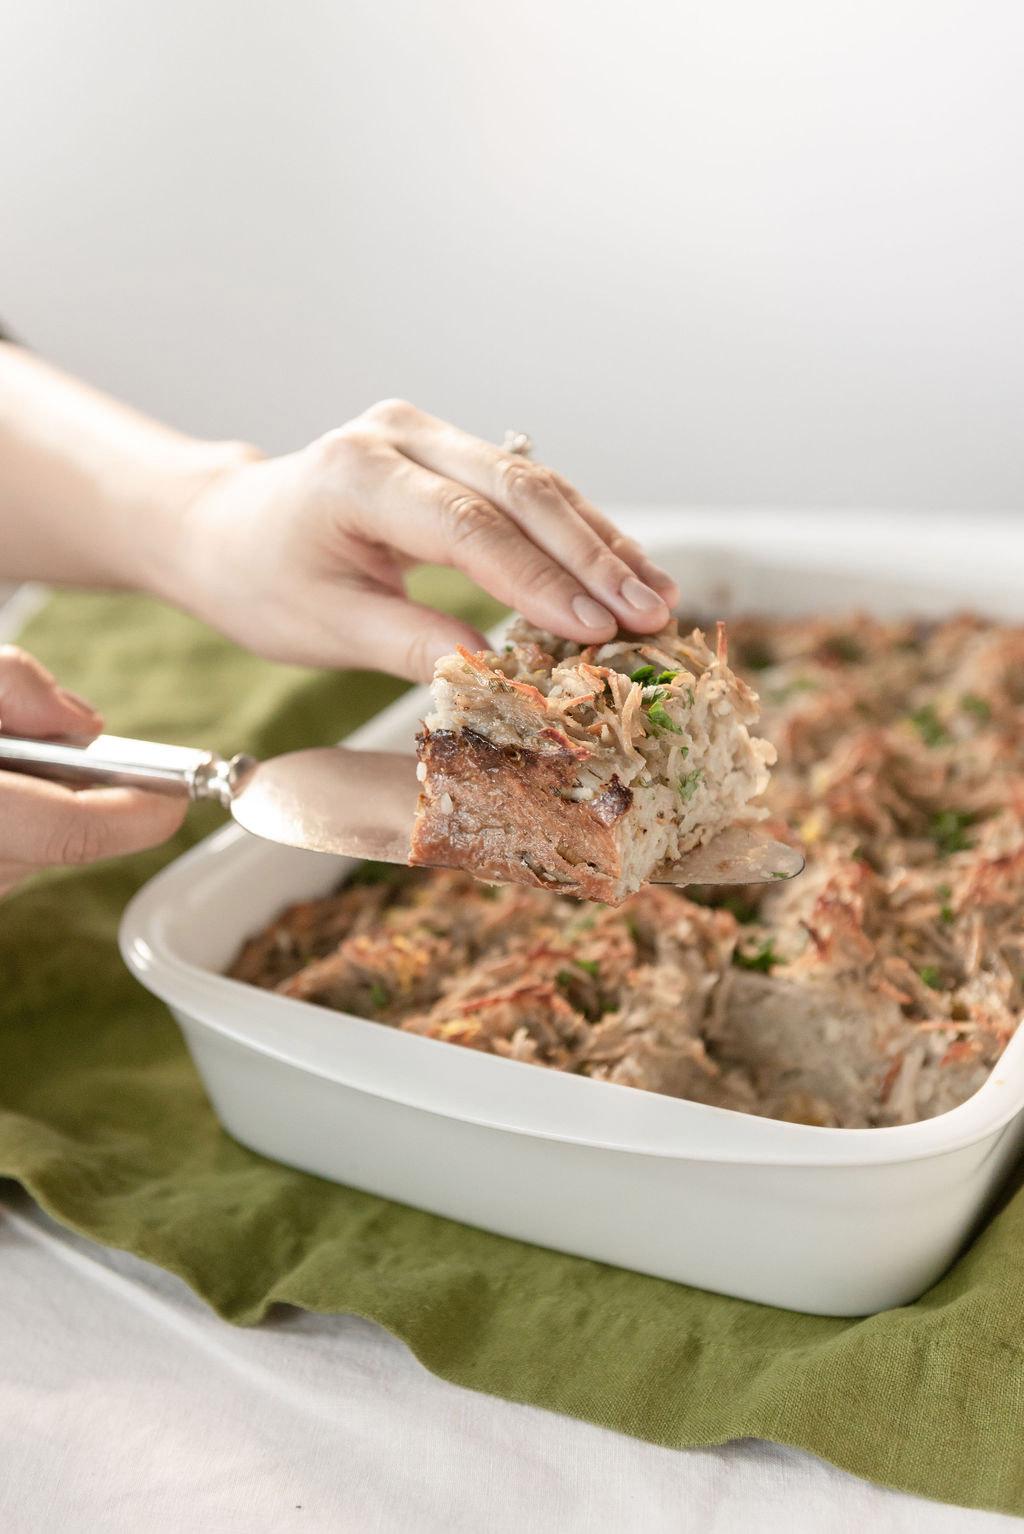 Potato kugel for Passover